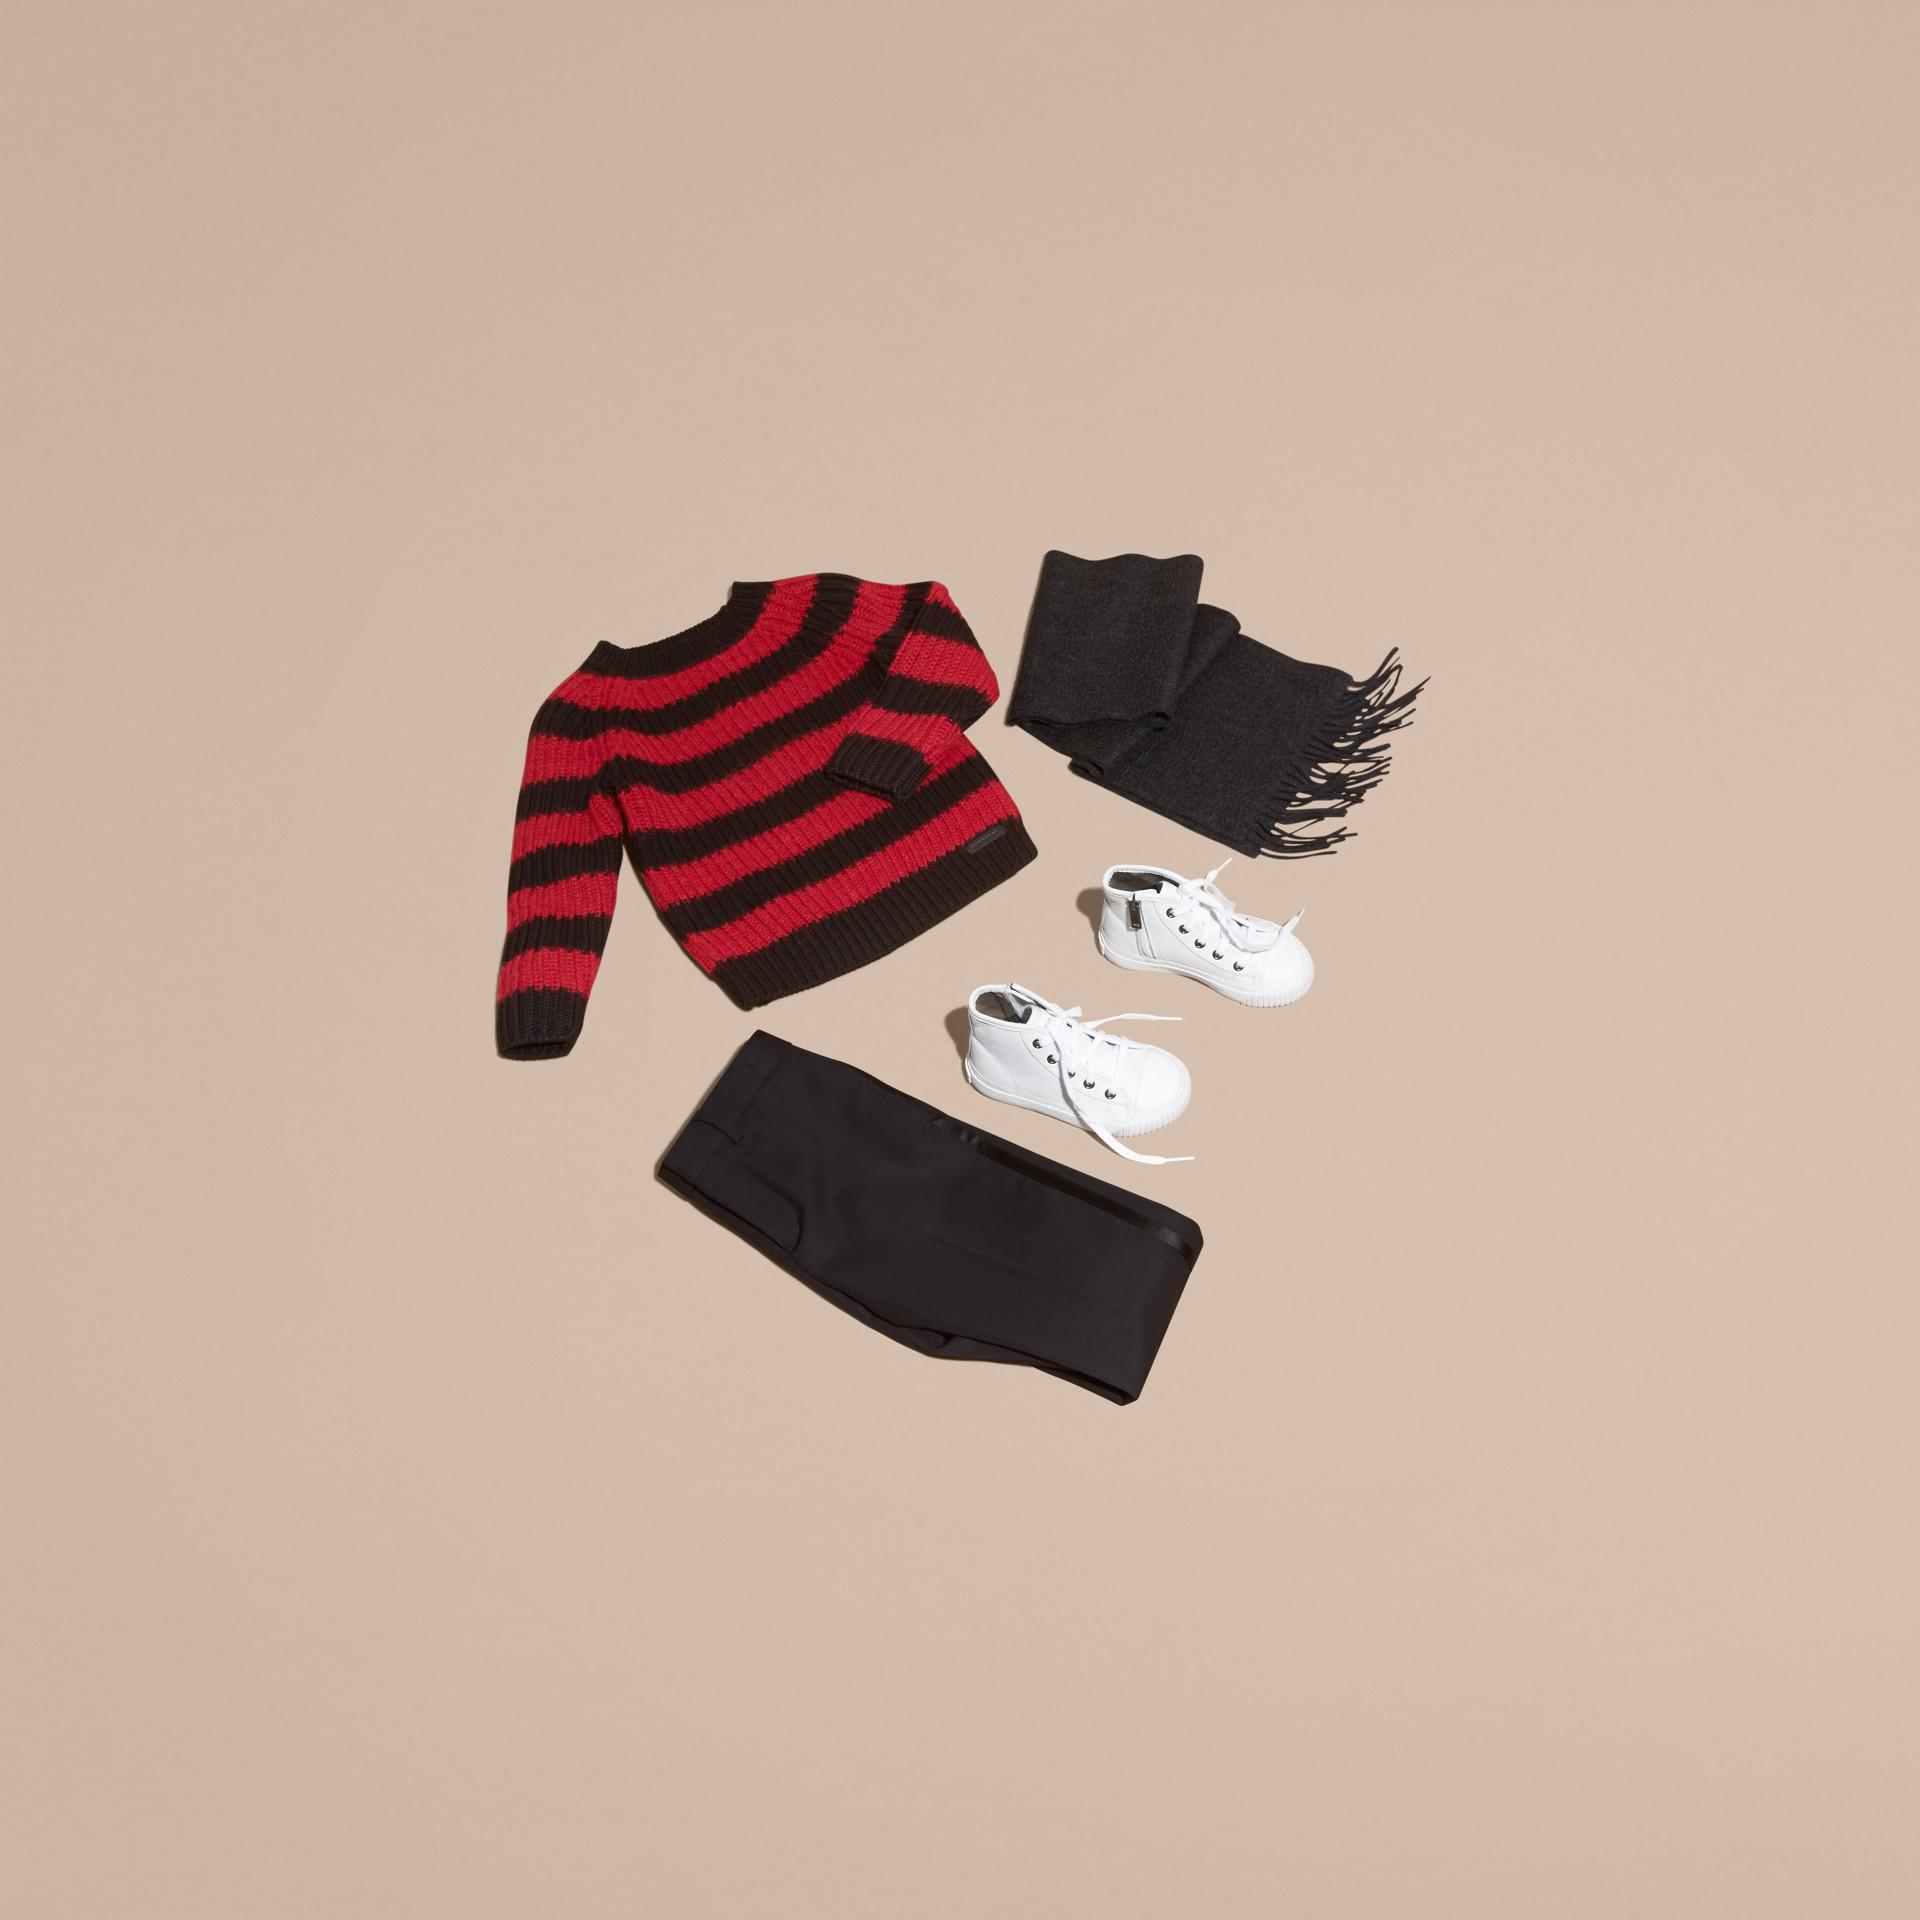 Rouge parade Pull rayé en laine mérinos et laine d'alpaga mélangées - photo de la galerie 5